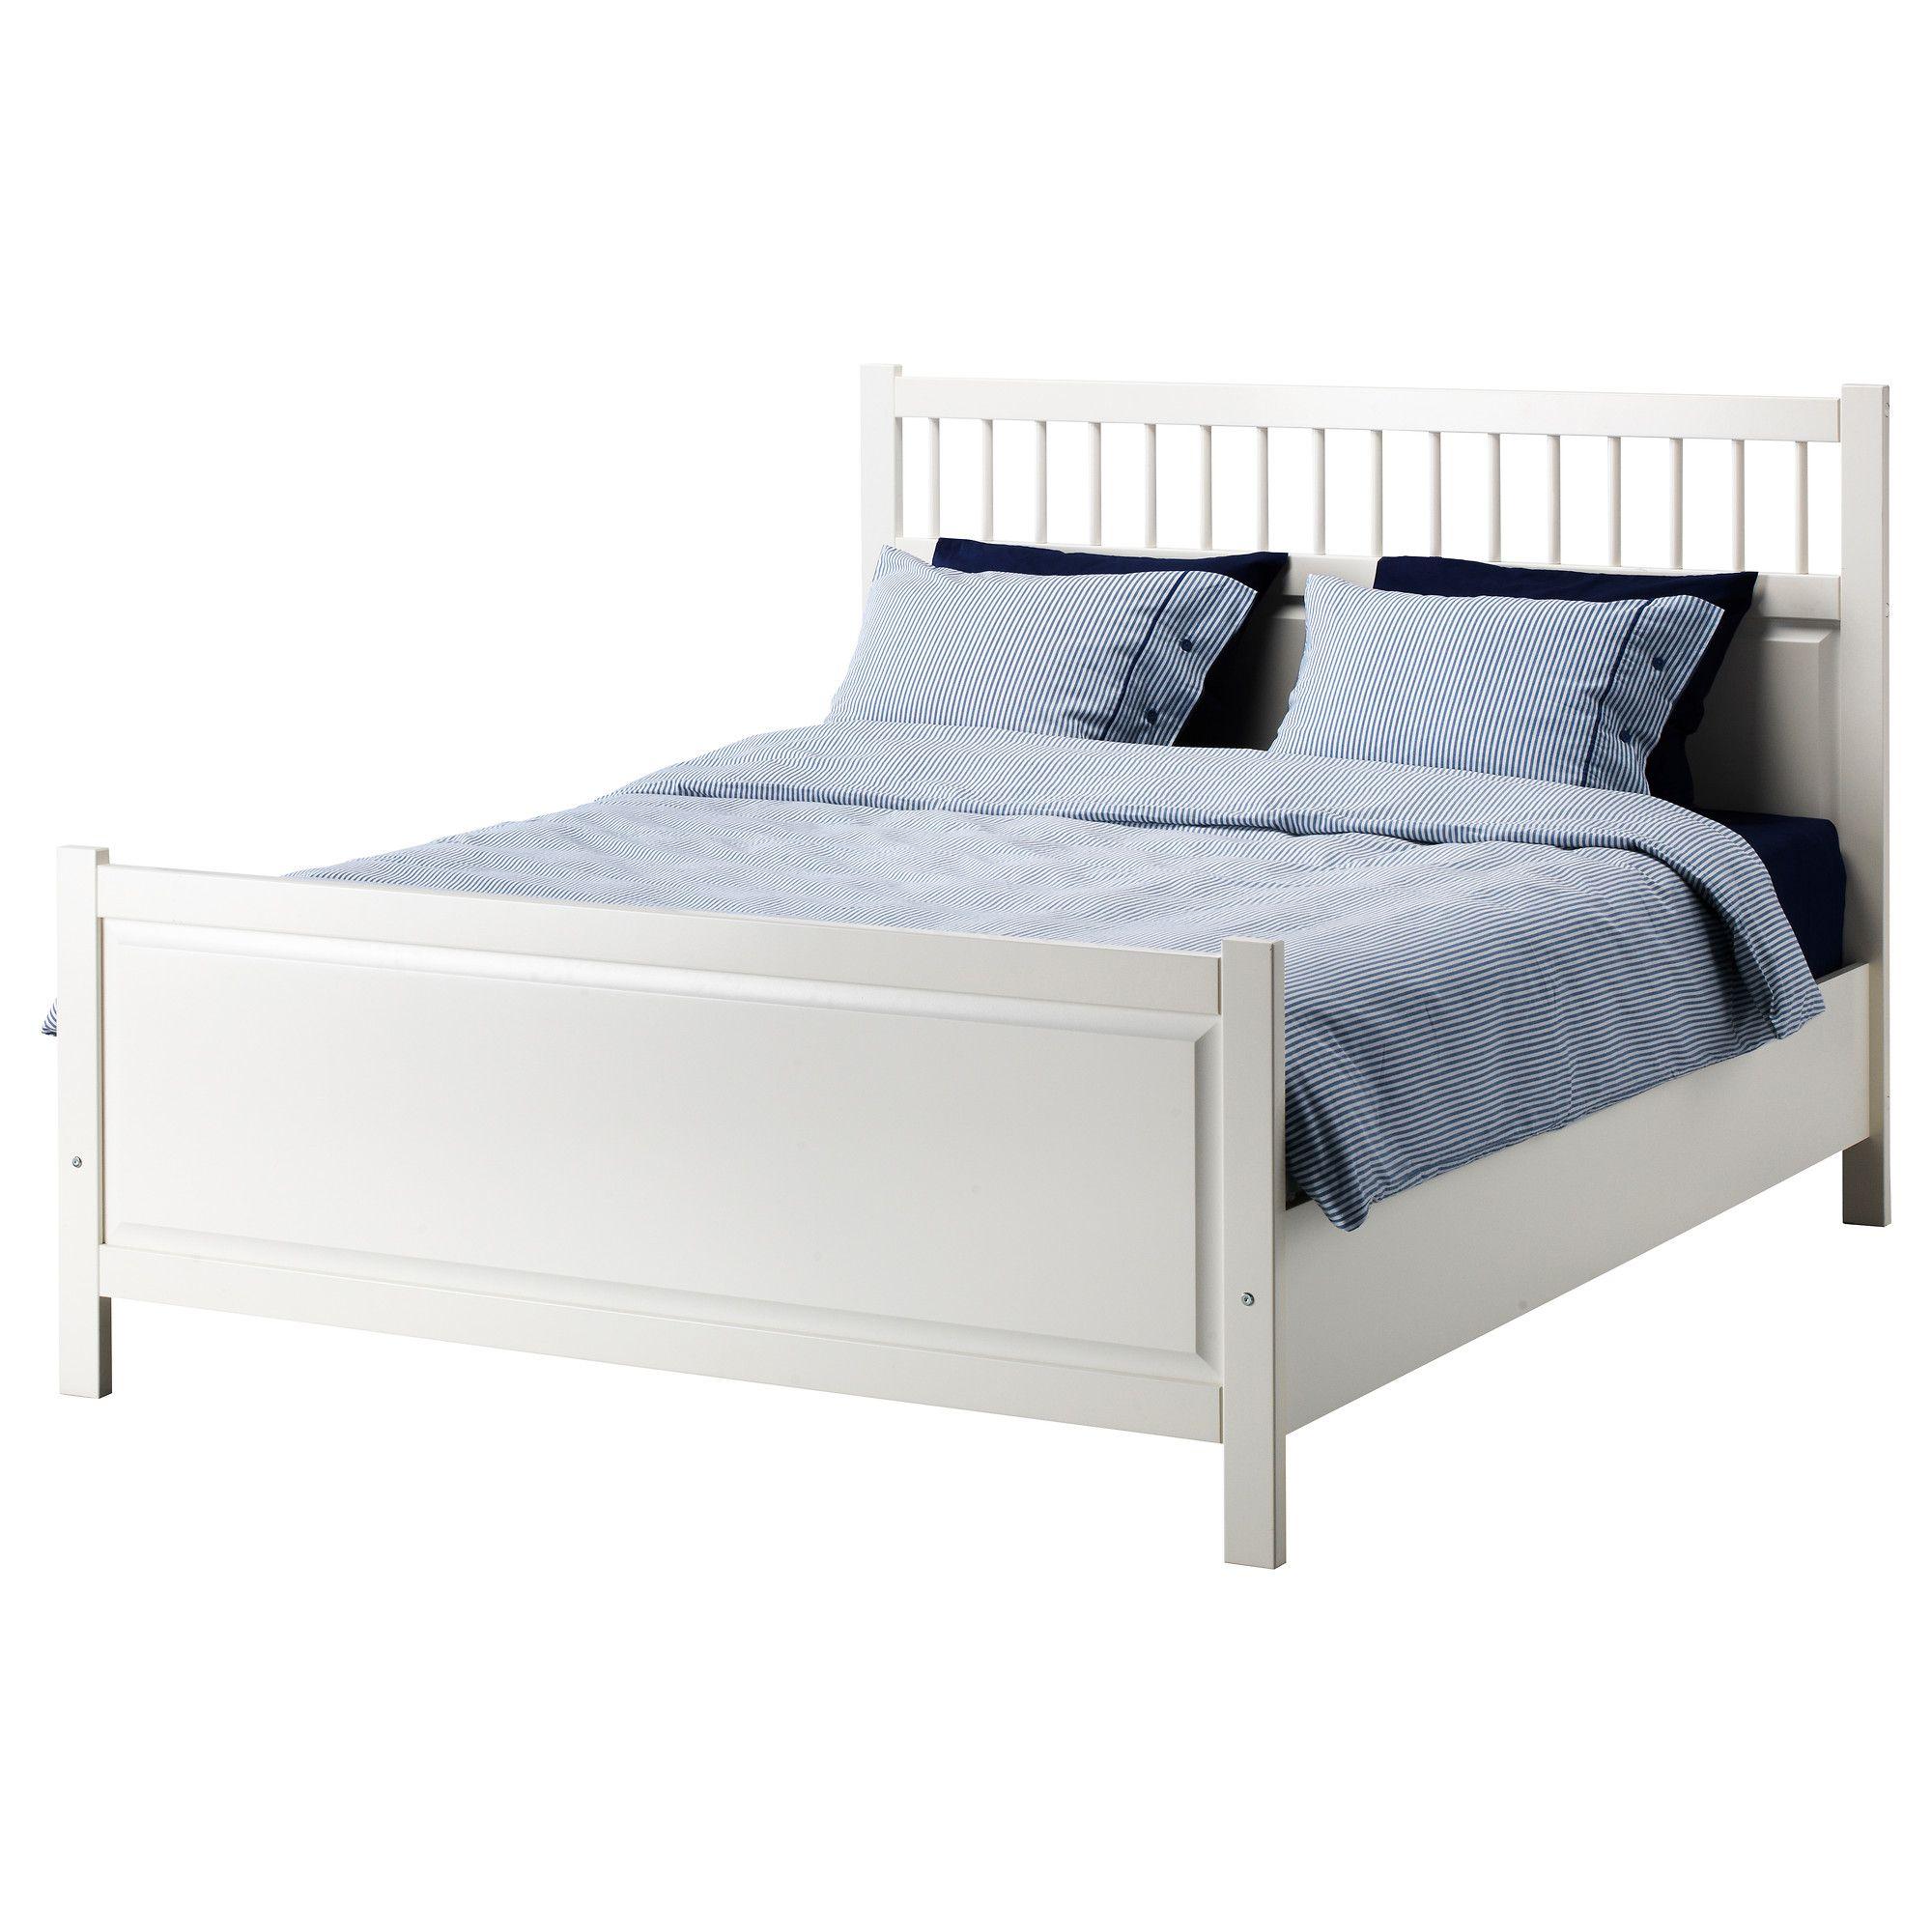 Ikea Us Furniture And Home Furnishings Ikea Bed Frames Hemnes